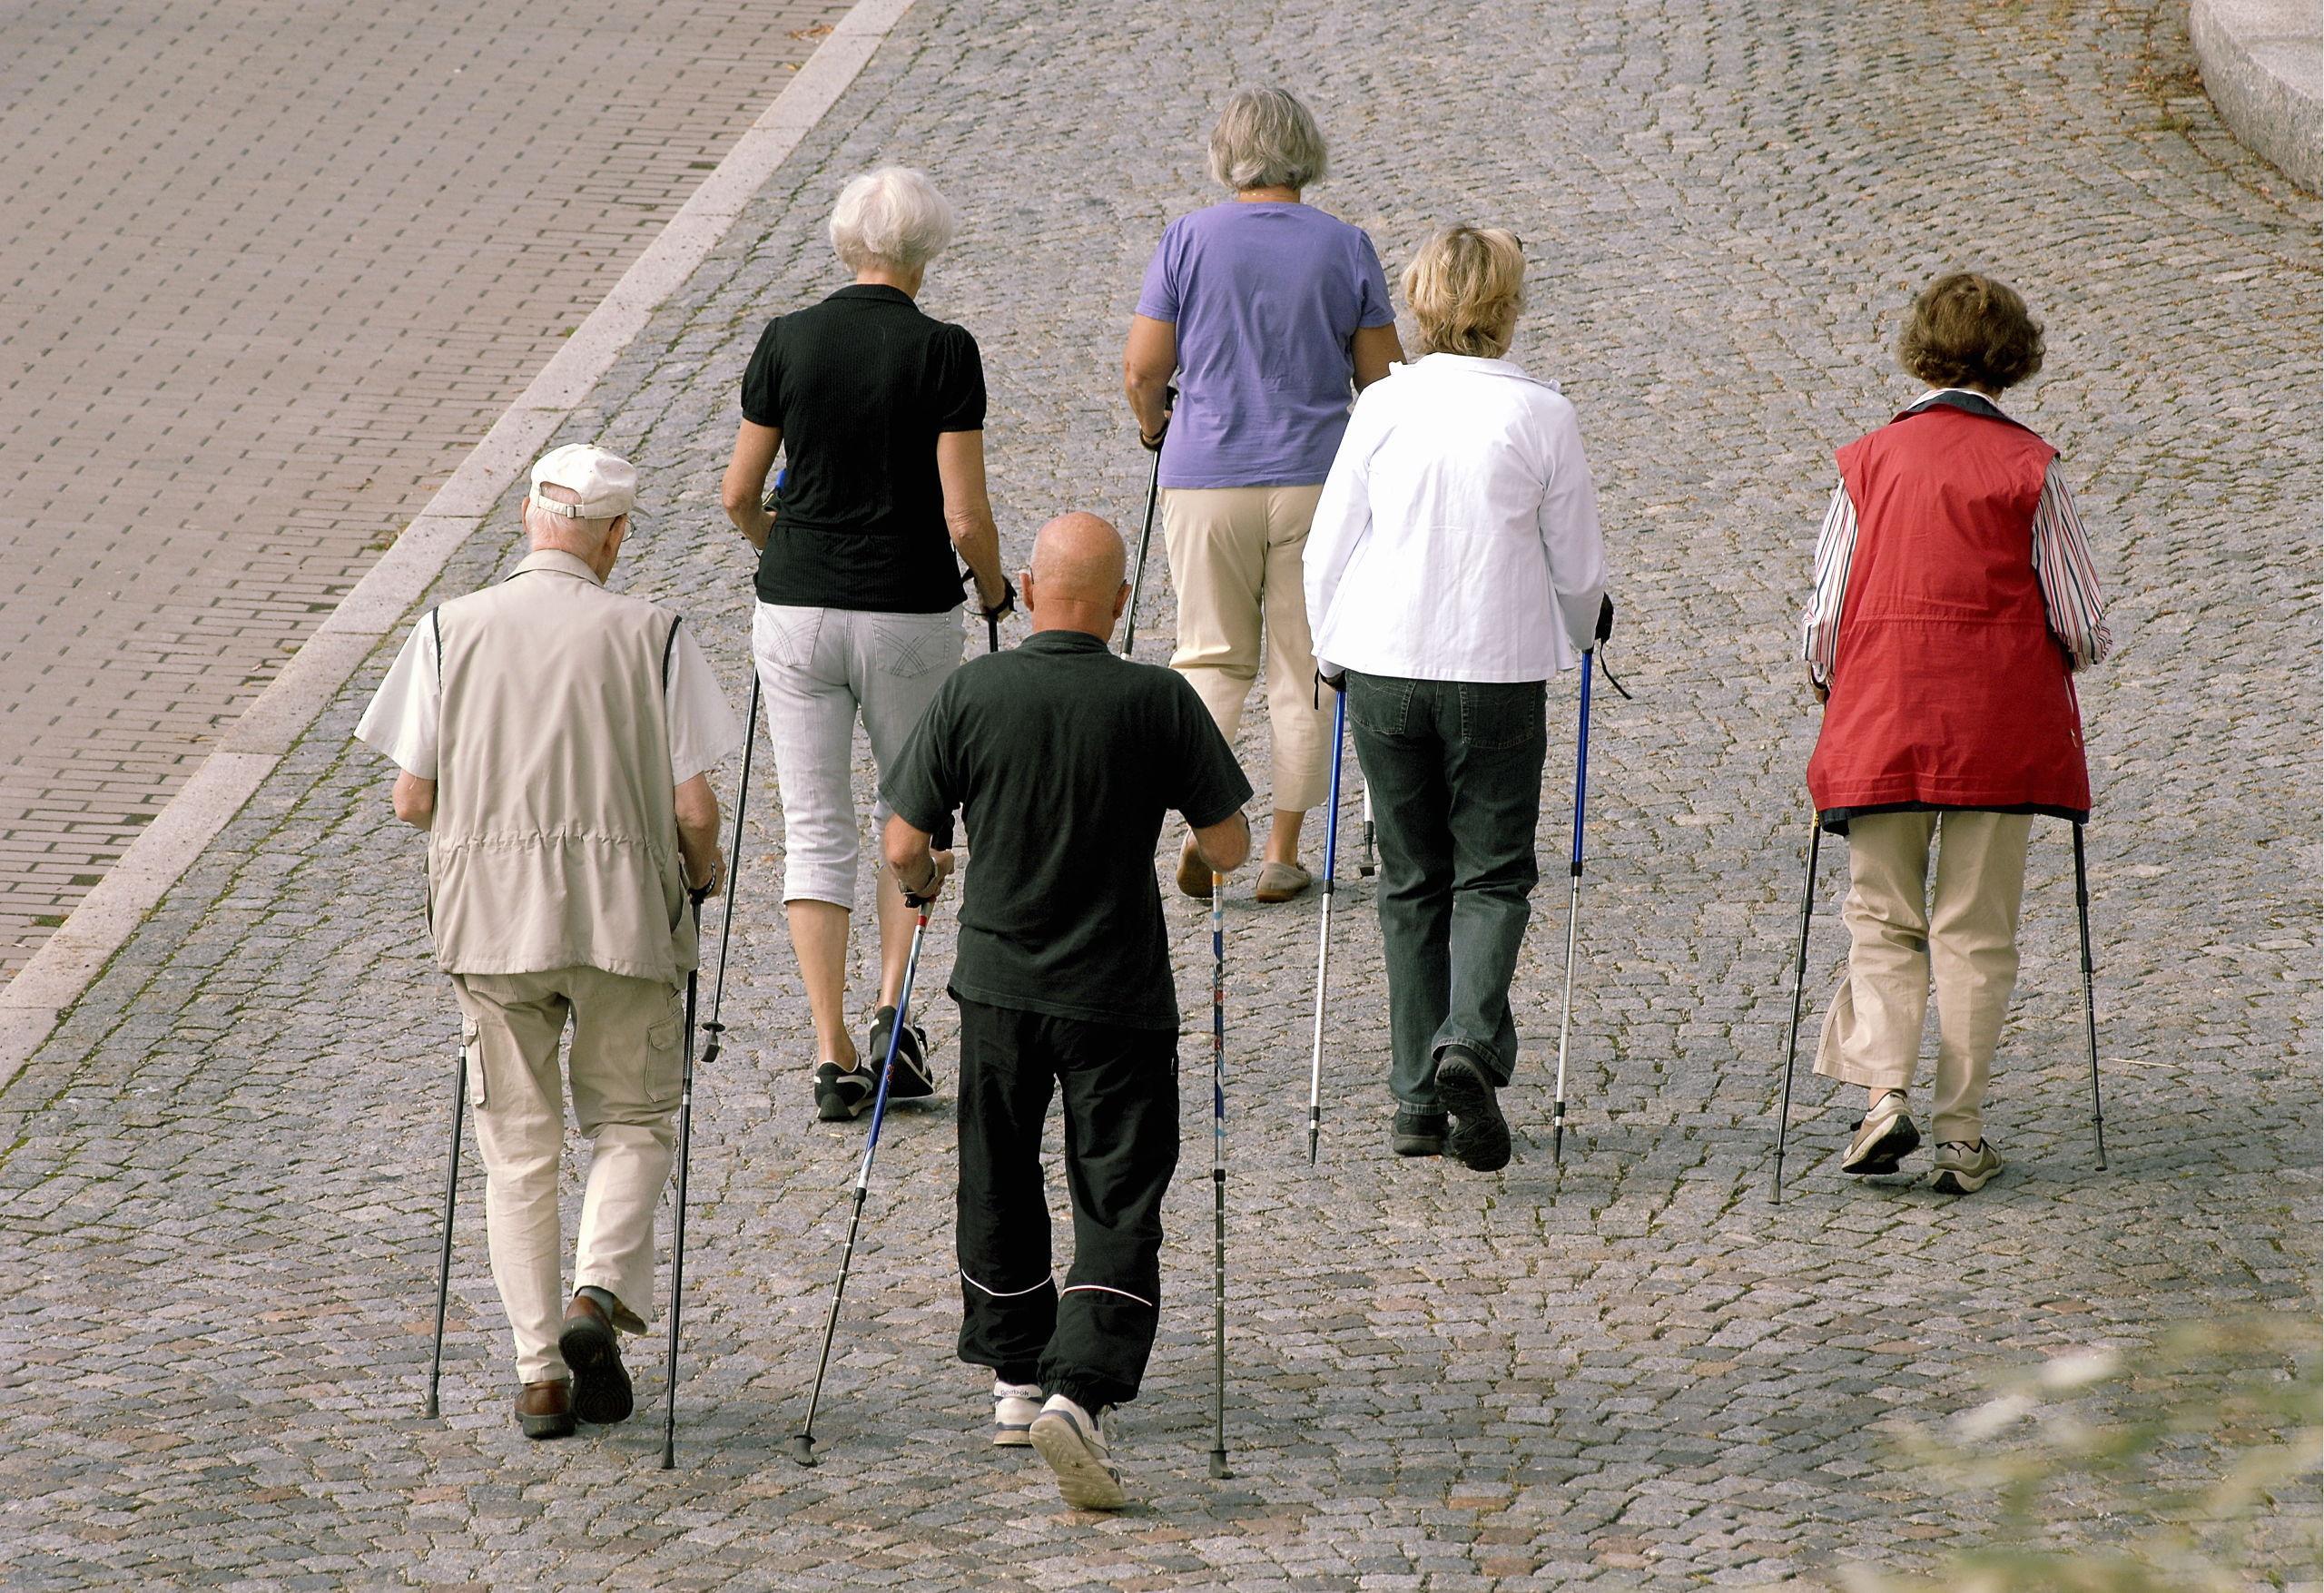 Coronaråden till äldre kan mildras i veckan